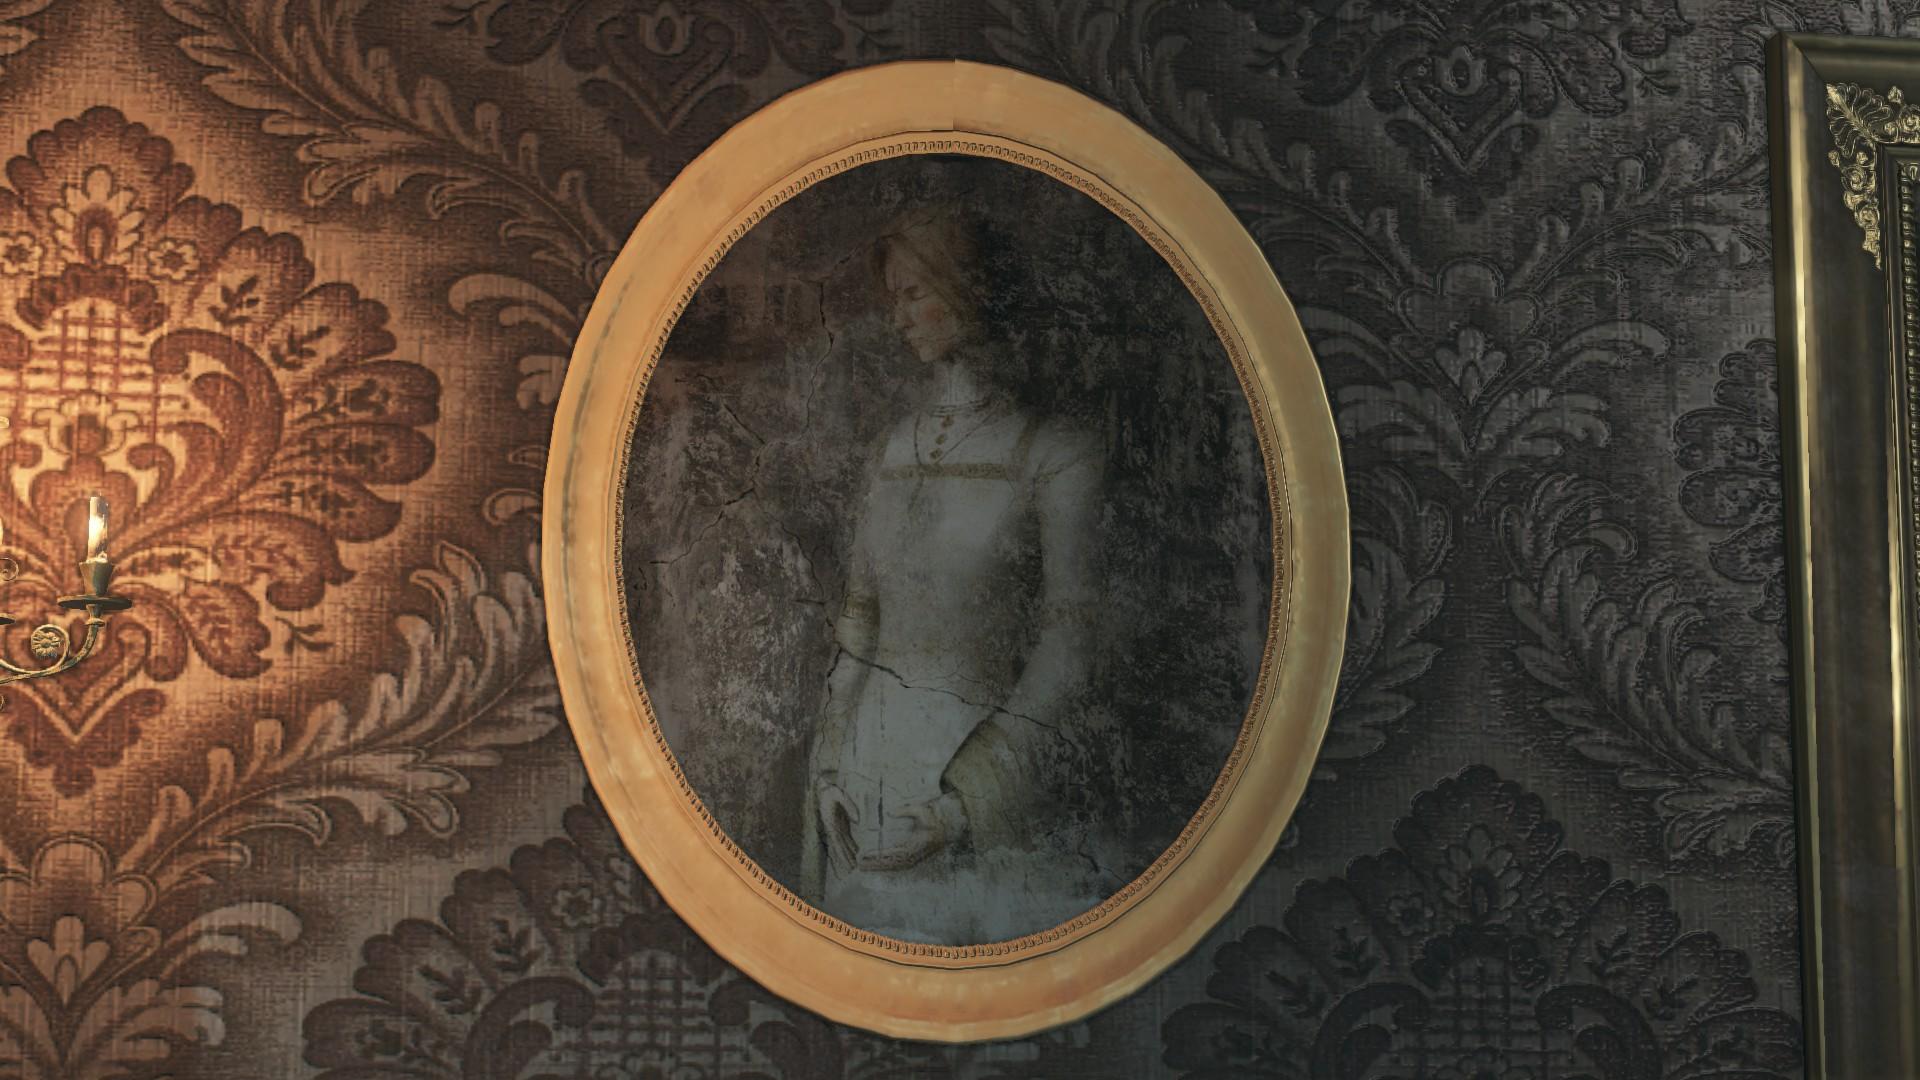 黑暗之魂3活祭品之路磔罚森林剧情解析 魂3深度剖析